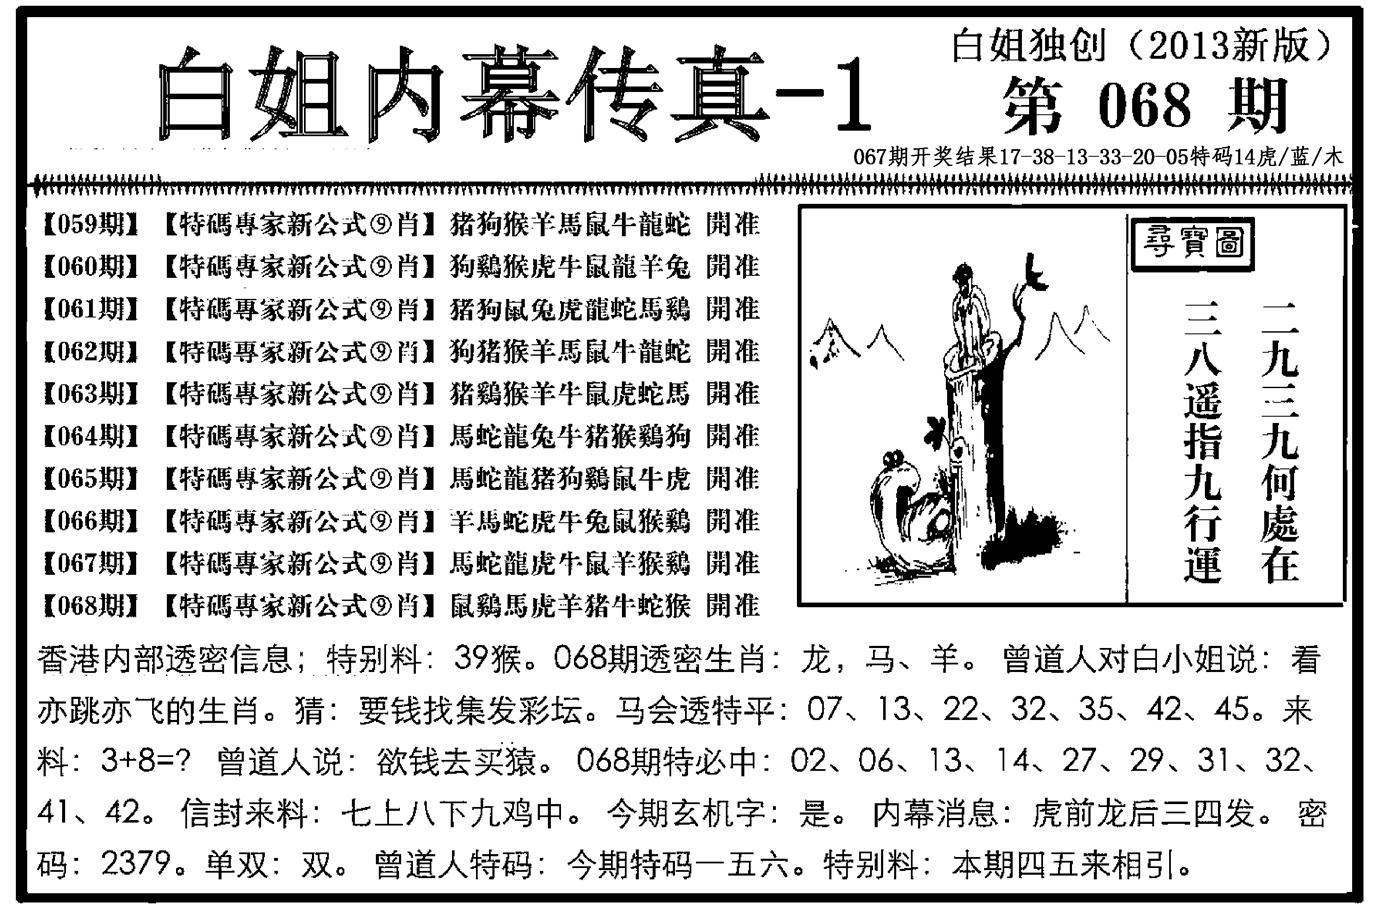 068期白姐内幕传真-1(黑白)